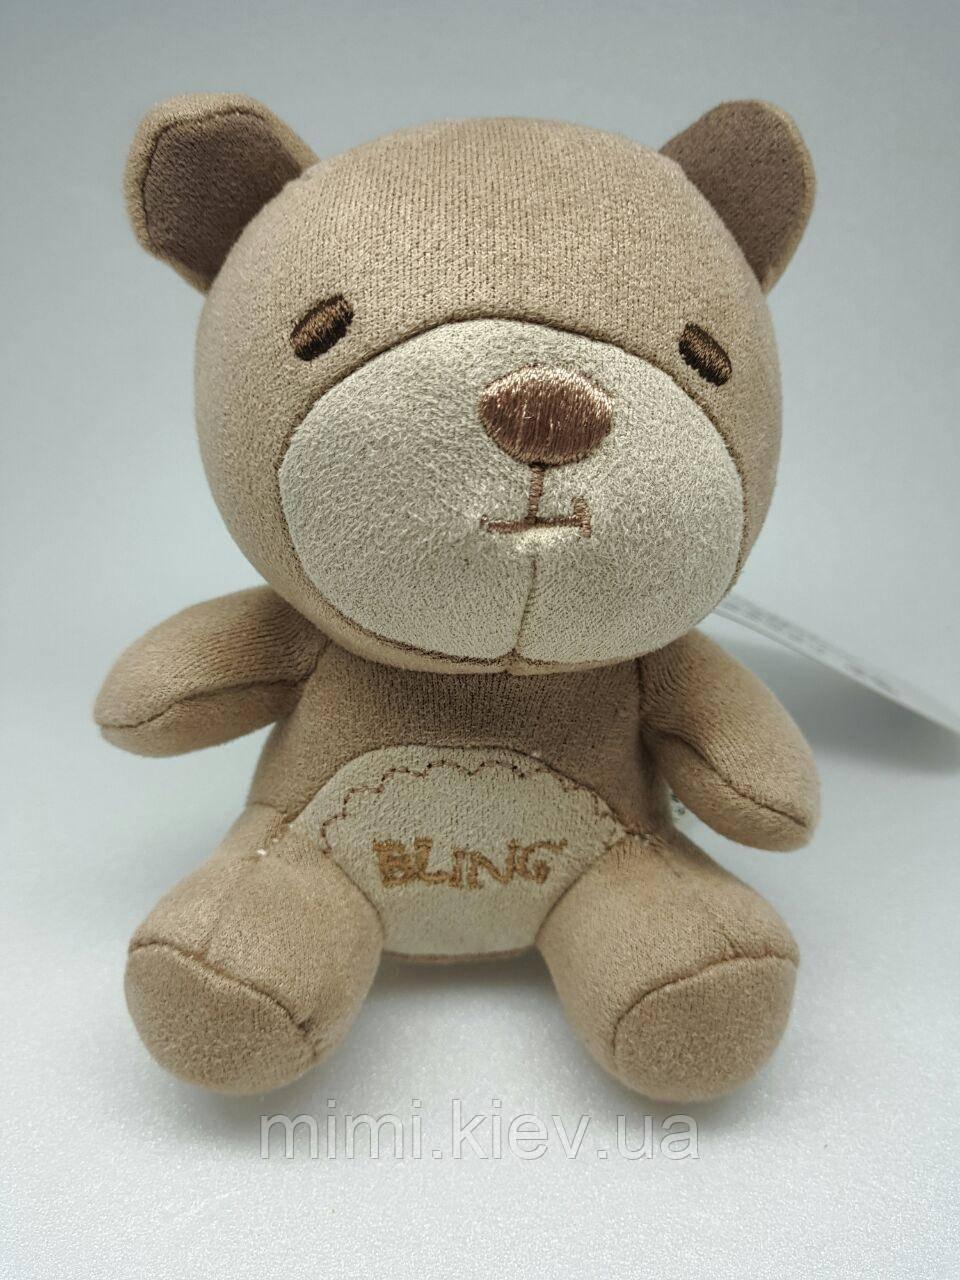 Кукла Metoo Медведь Мягкие игрушки Плюшевые животные мягкие детские игрушки для девочек Kawaii маленькие куклы